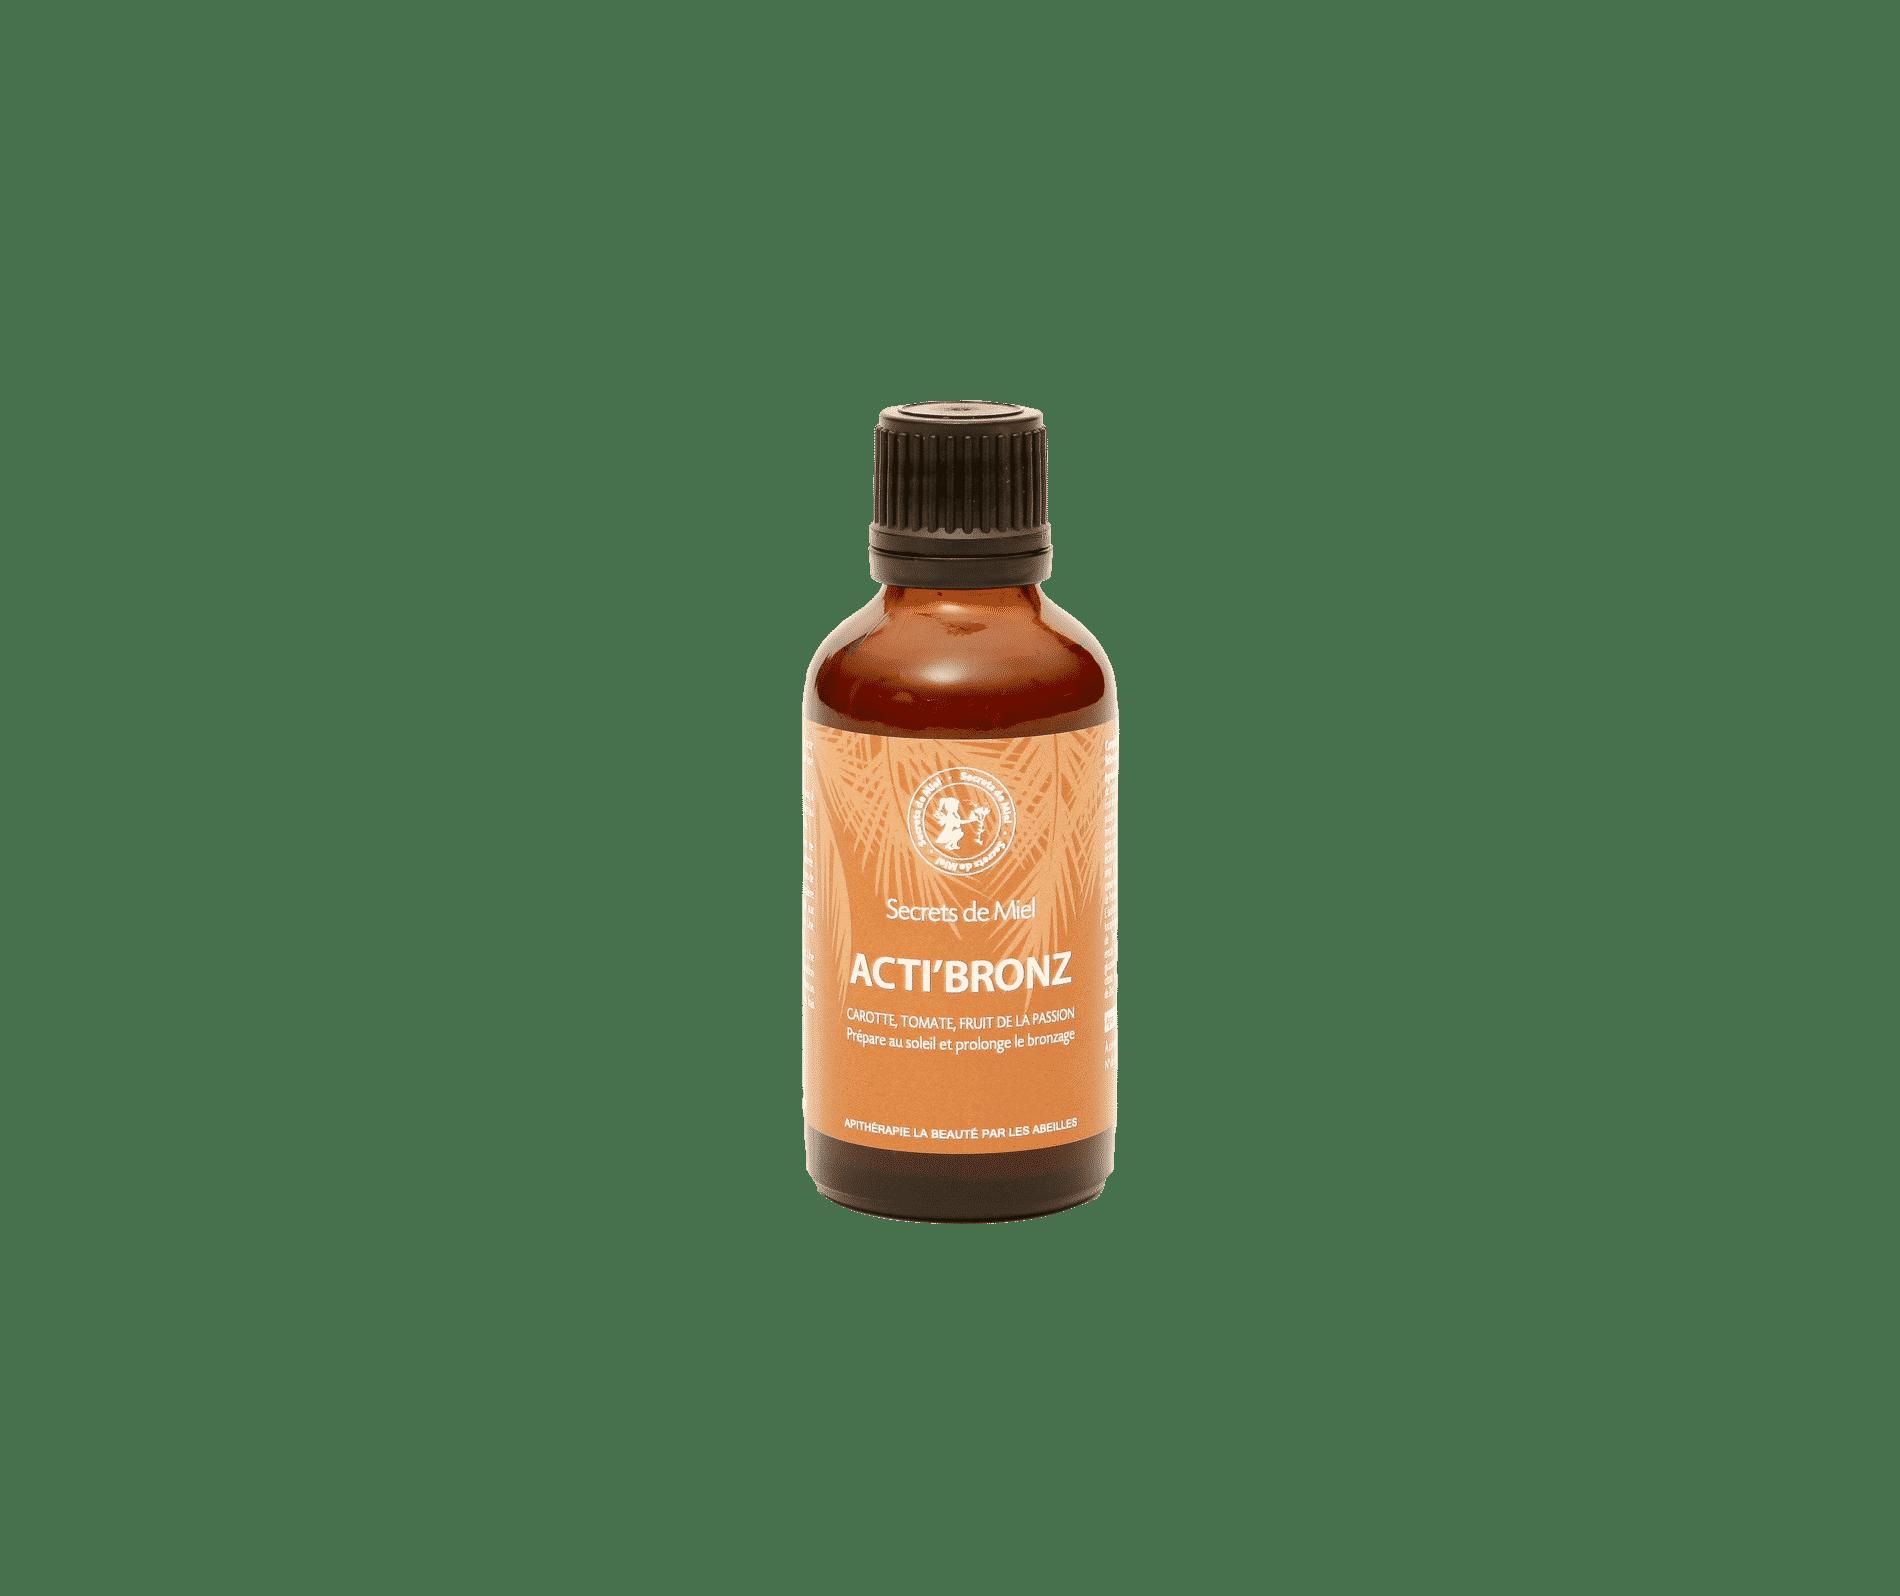 peau hâlée - complément alimentaire bronzage - bêtacarotène